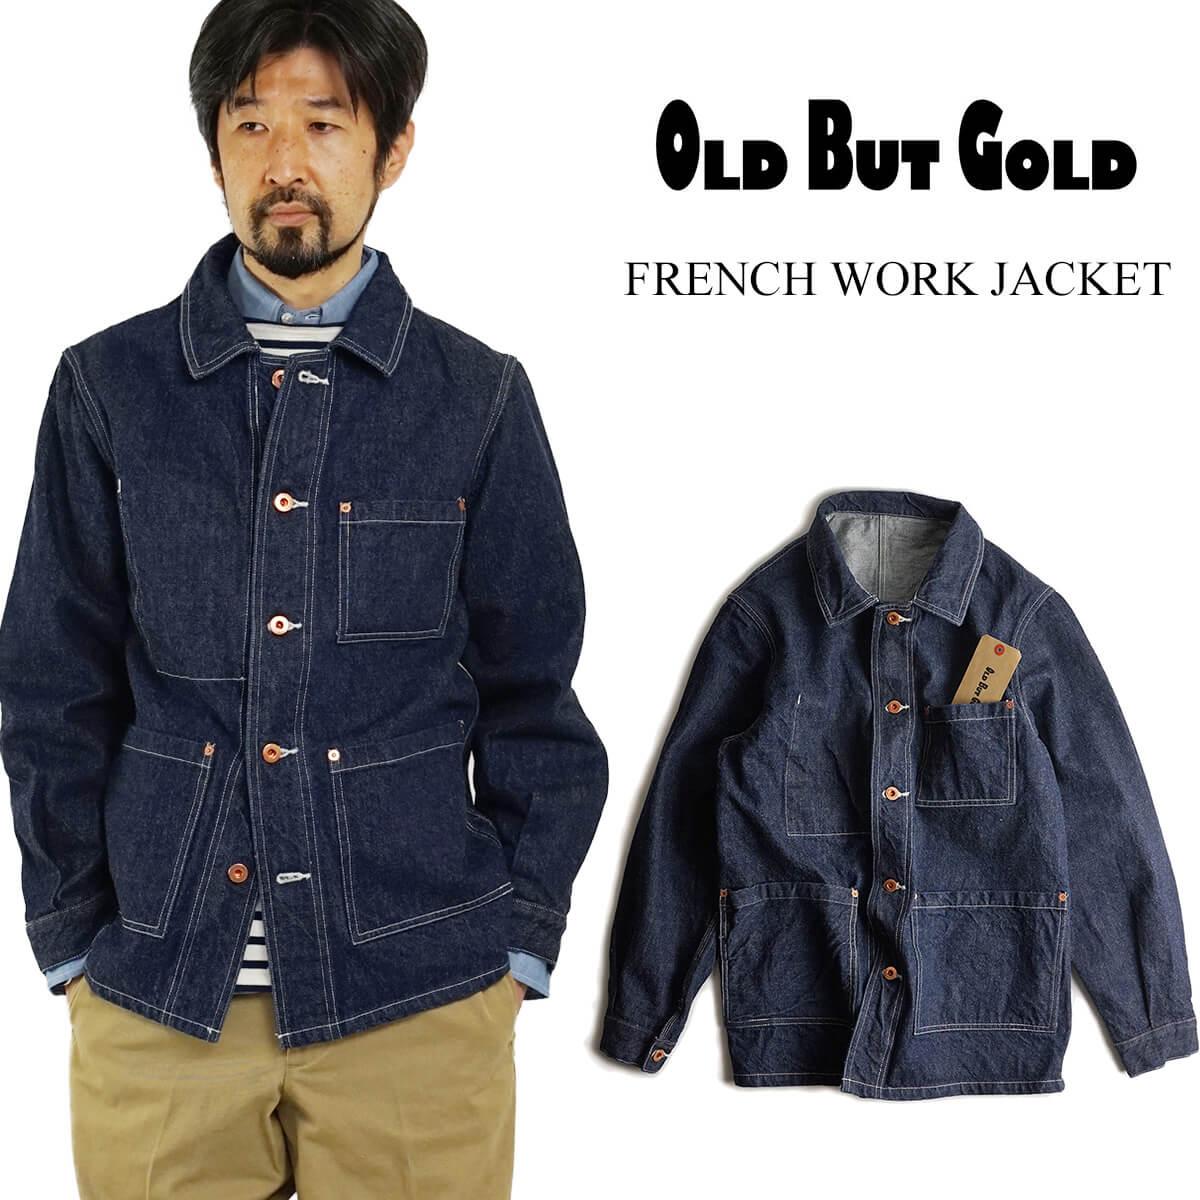 オールドバットゴールド OLD BUT GOLD フレンチ ワークジャケット (メンズ S-L デニム カバーオール カイハラ 14オンス)